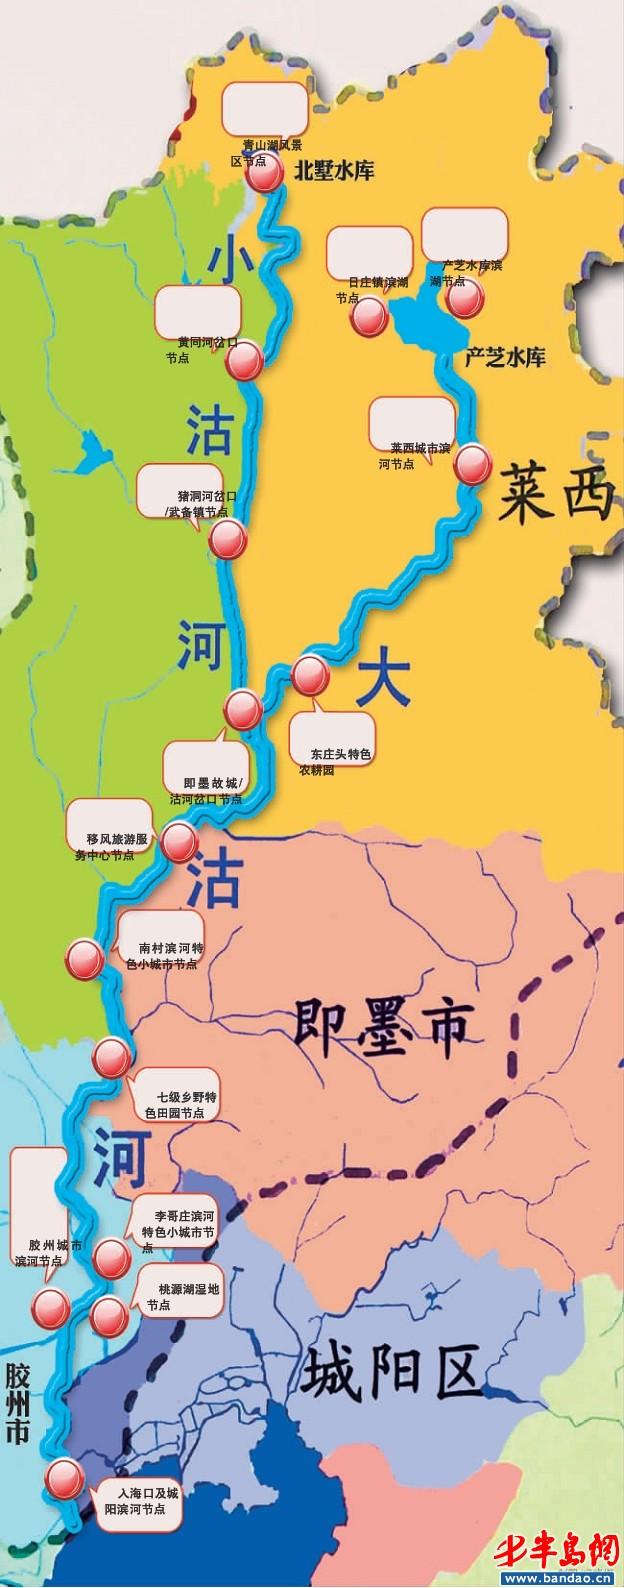 即墨,胶州,平度,莱西五区市负责筹措各自区域内河道治理的征地,拆迁